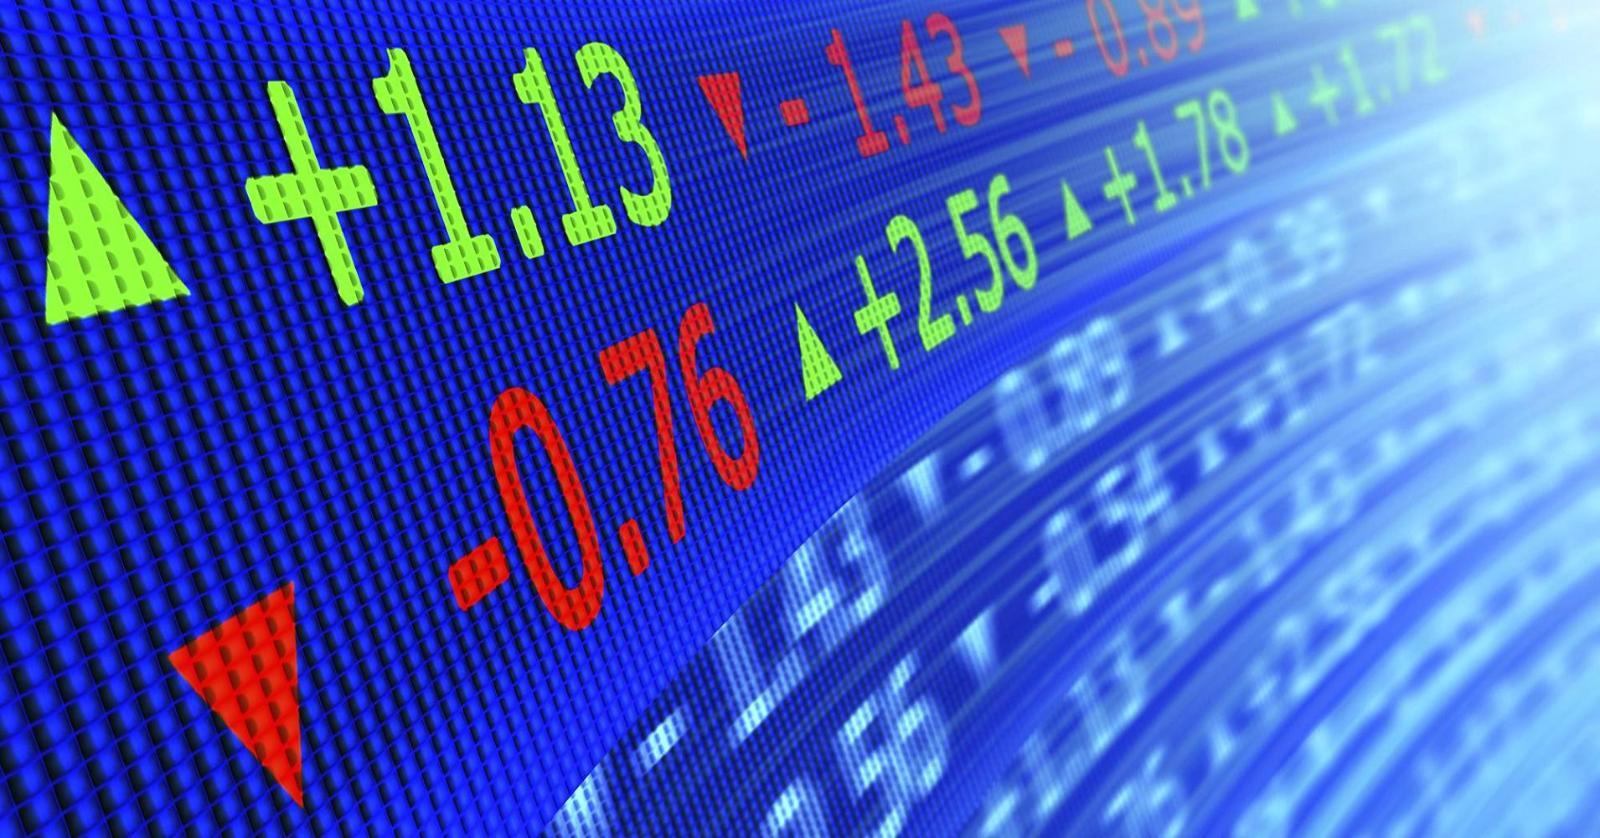 quotes - Криптовалюты снижаются по мере слабости быков